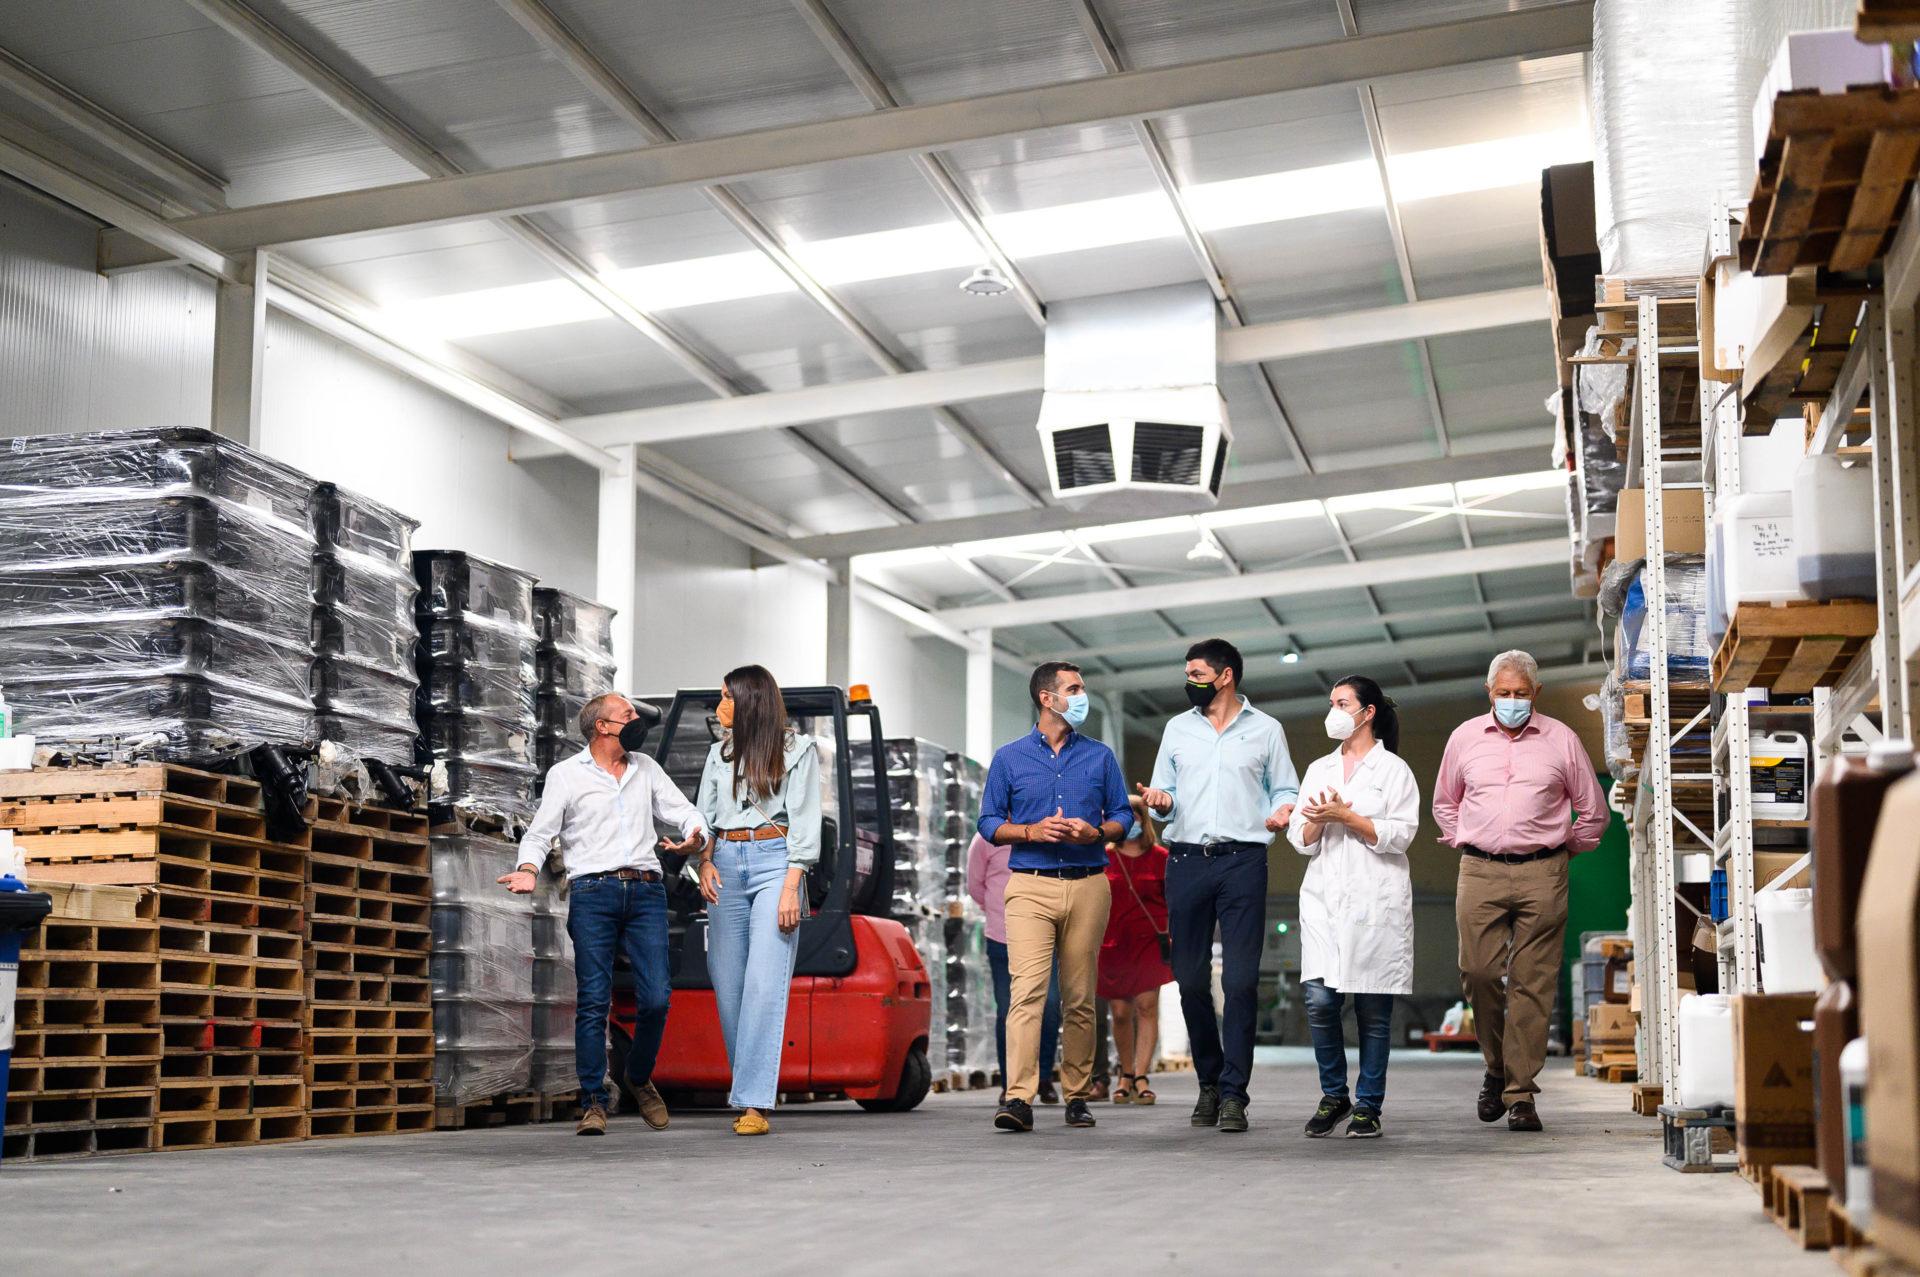 """El alcalde destaca el """"valor añadido"""" al agro que aportan empresas almerienses como Viagro, """"referente"""" nacional en la industria auxiliar"""